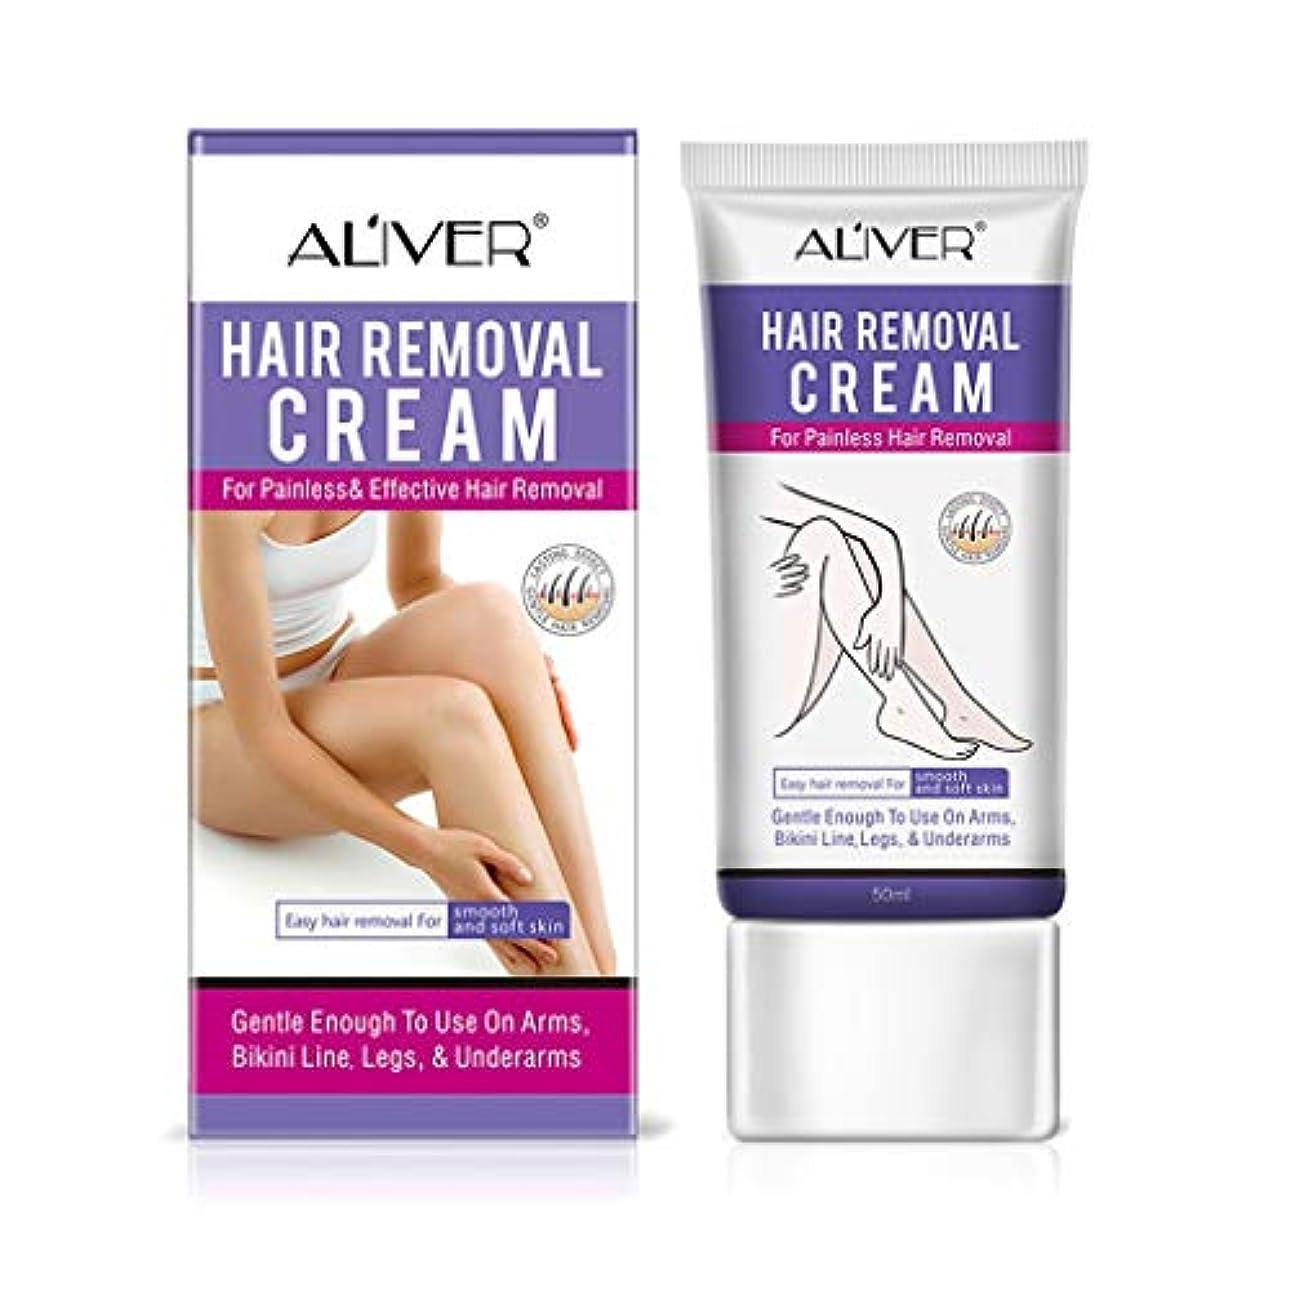 アライアンス以降陽気な脱毛 温和無痛 敏感肌適当な、 腋毛の足の足の毛と太もものためのALIVER脱毛軟膏、安全で便利、細かい髪を取り除き、メイクをより親しみやすくする